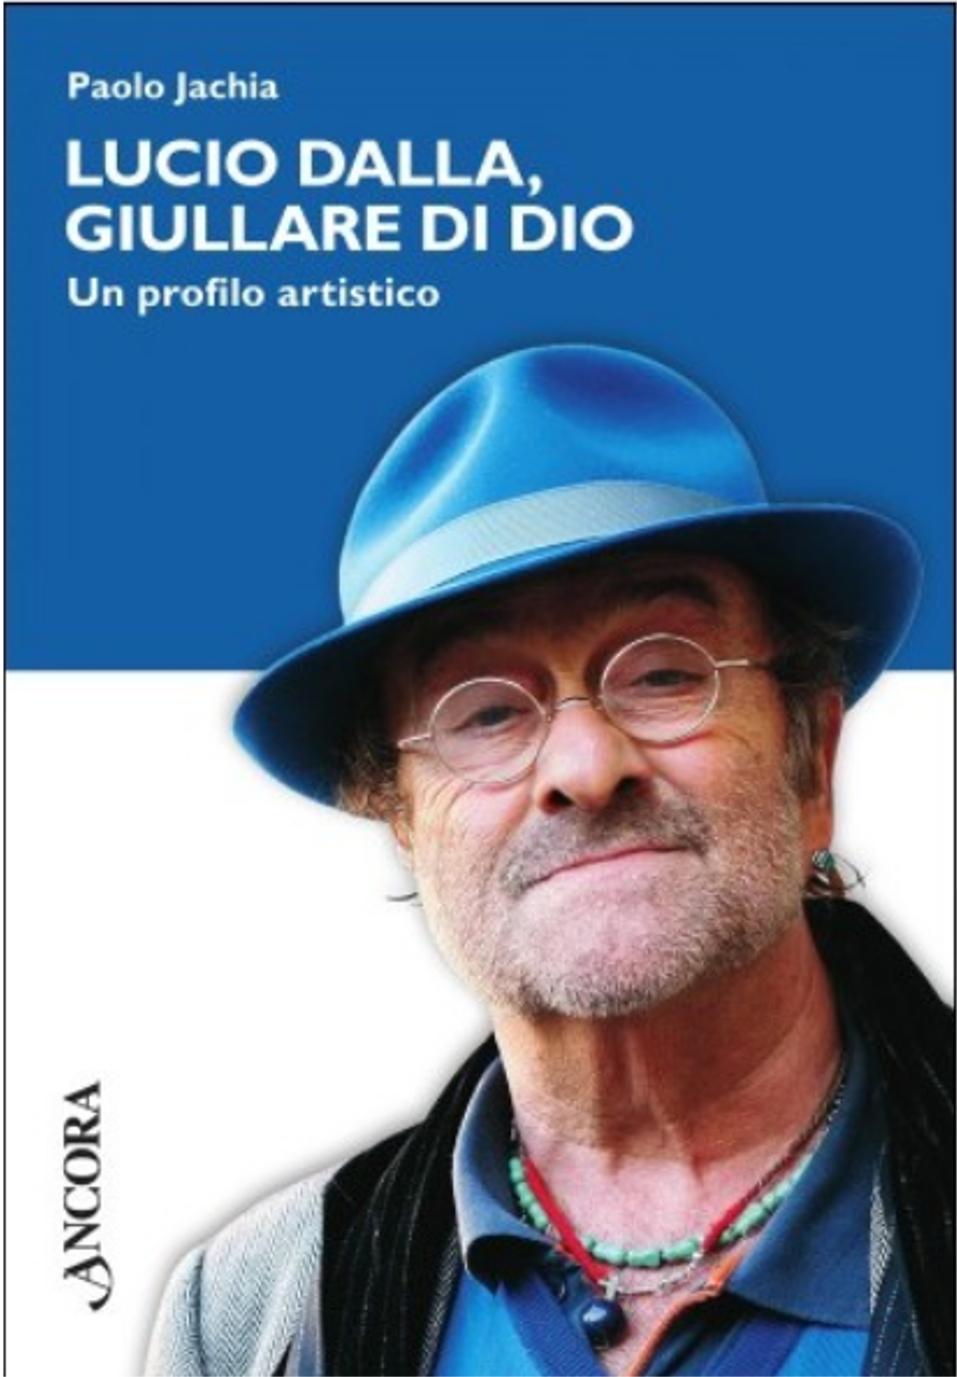 LUCIO DALLA, GIULLARE DI DIO